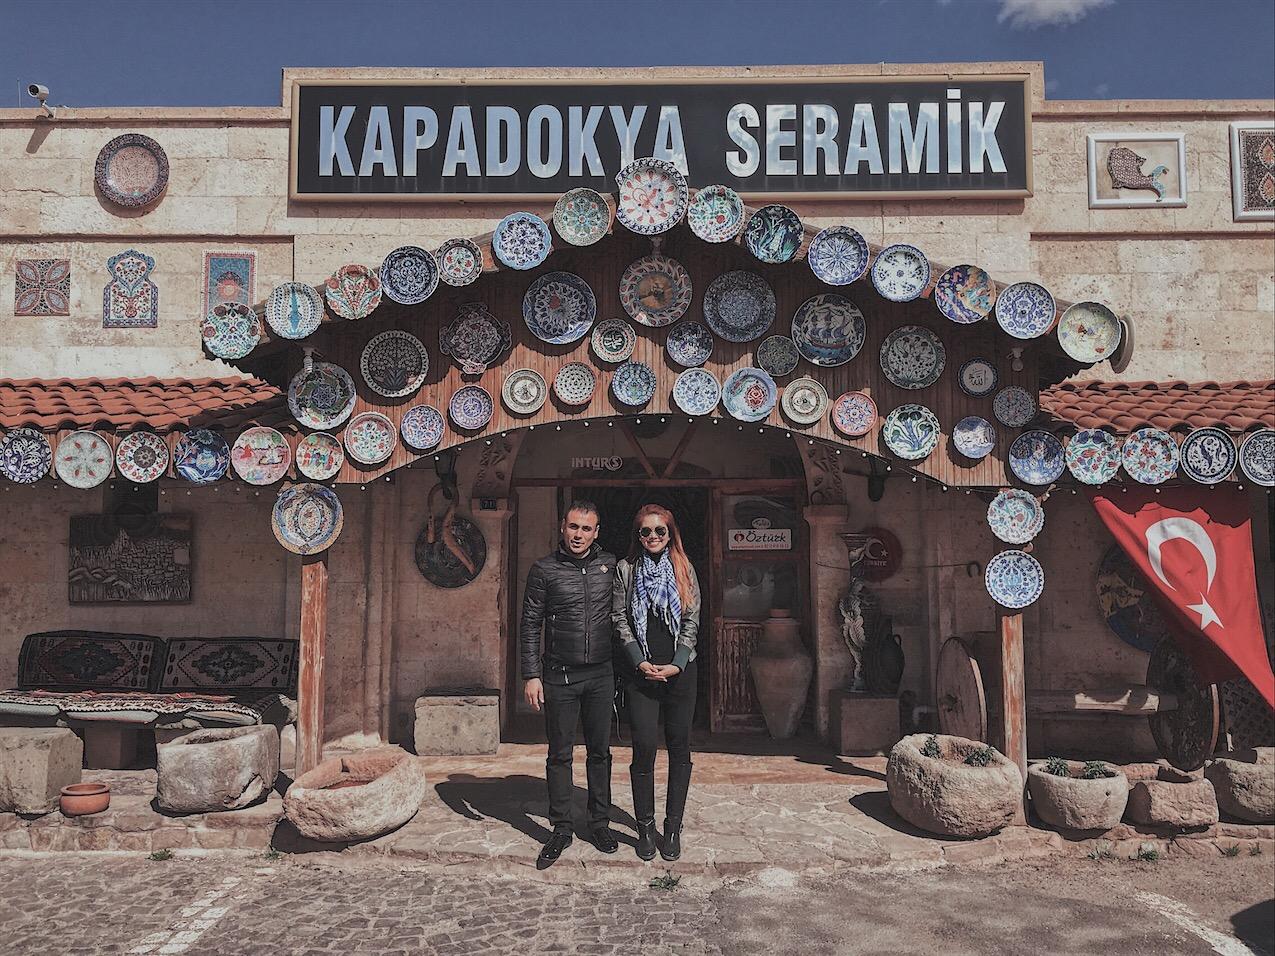 Kapadokya Seramik Cappadocia turkey